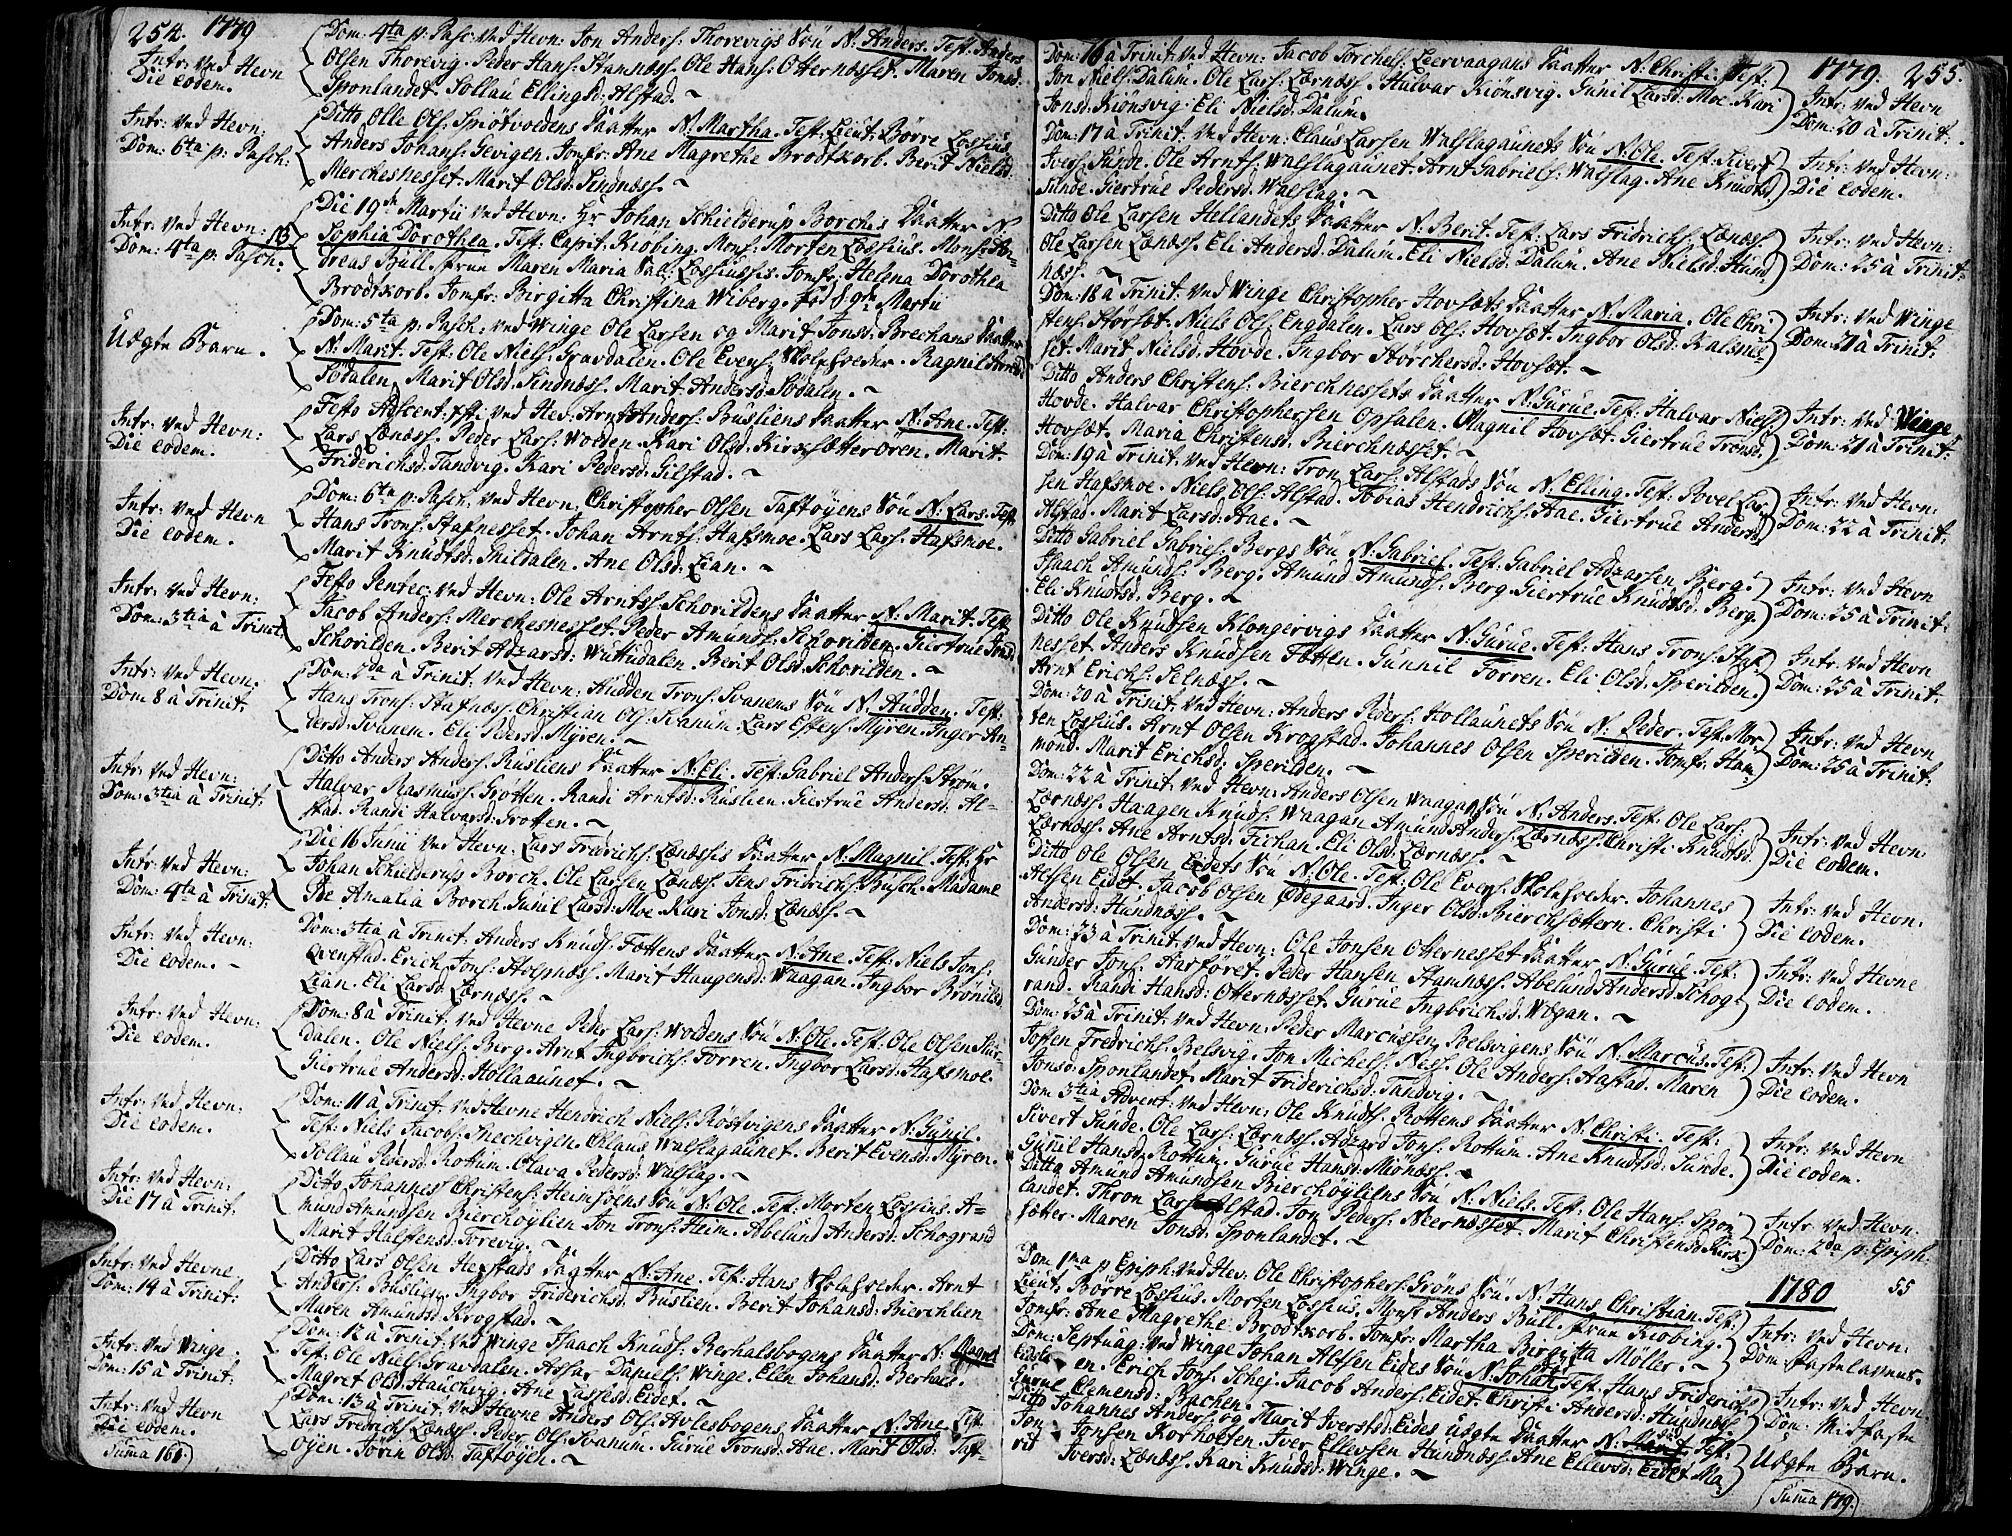 SAT, Ministerialprotokoller, klokkerbøker og fødselsregistre - Sør-Trøndelag, 630/L0489: Ministerialbok nr. 630A02, 1757-1794, s. 254-255